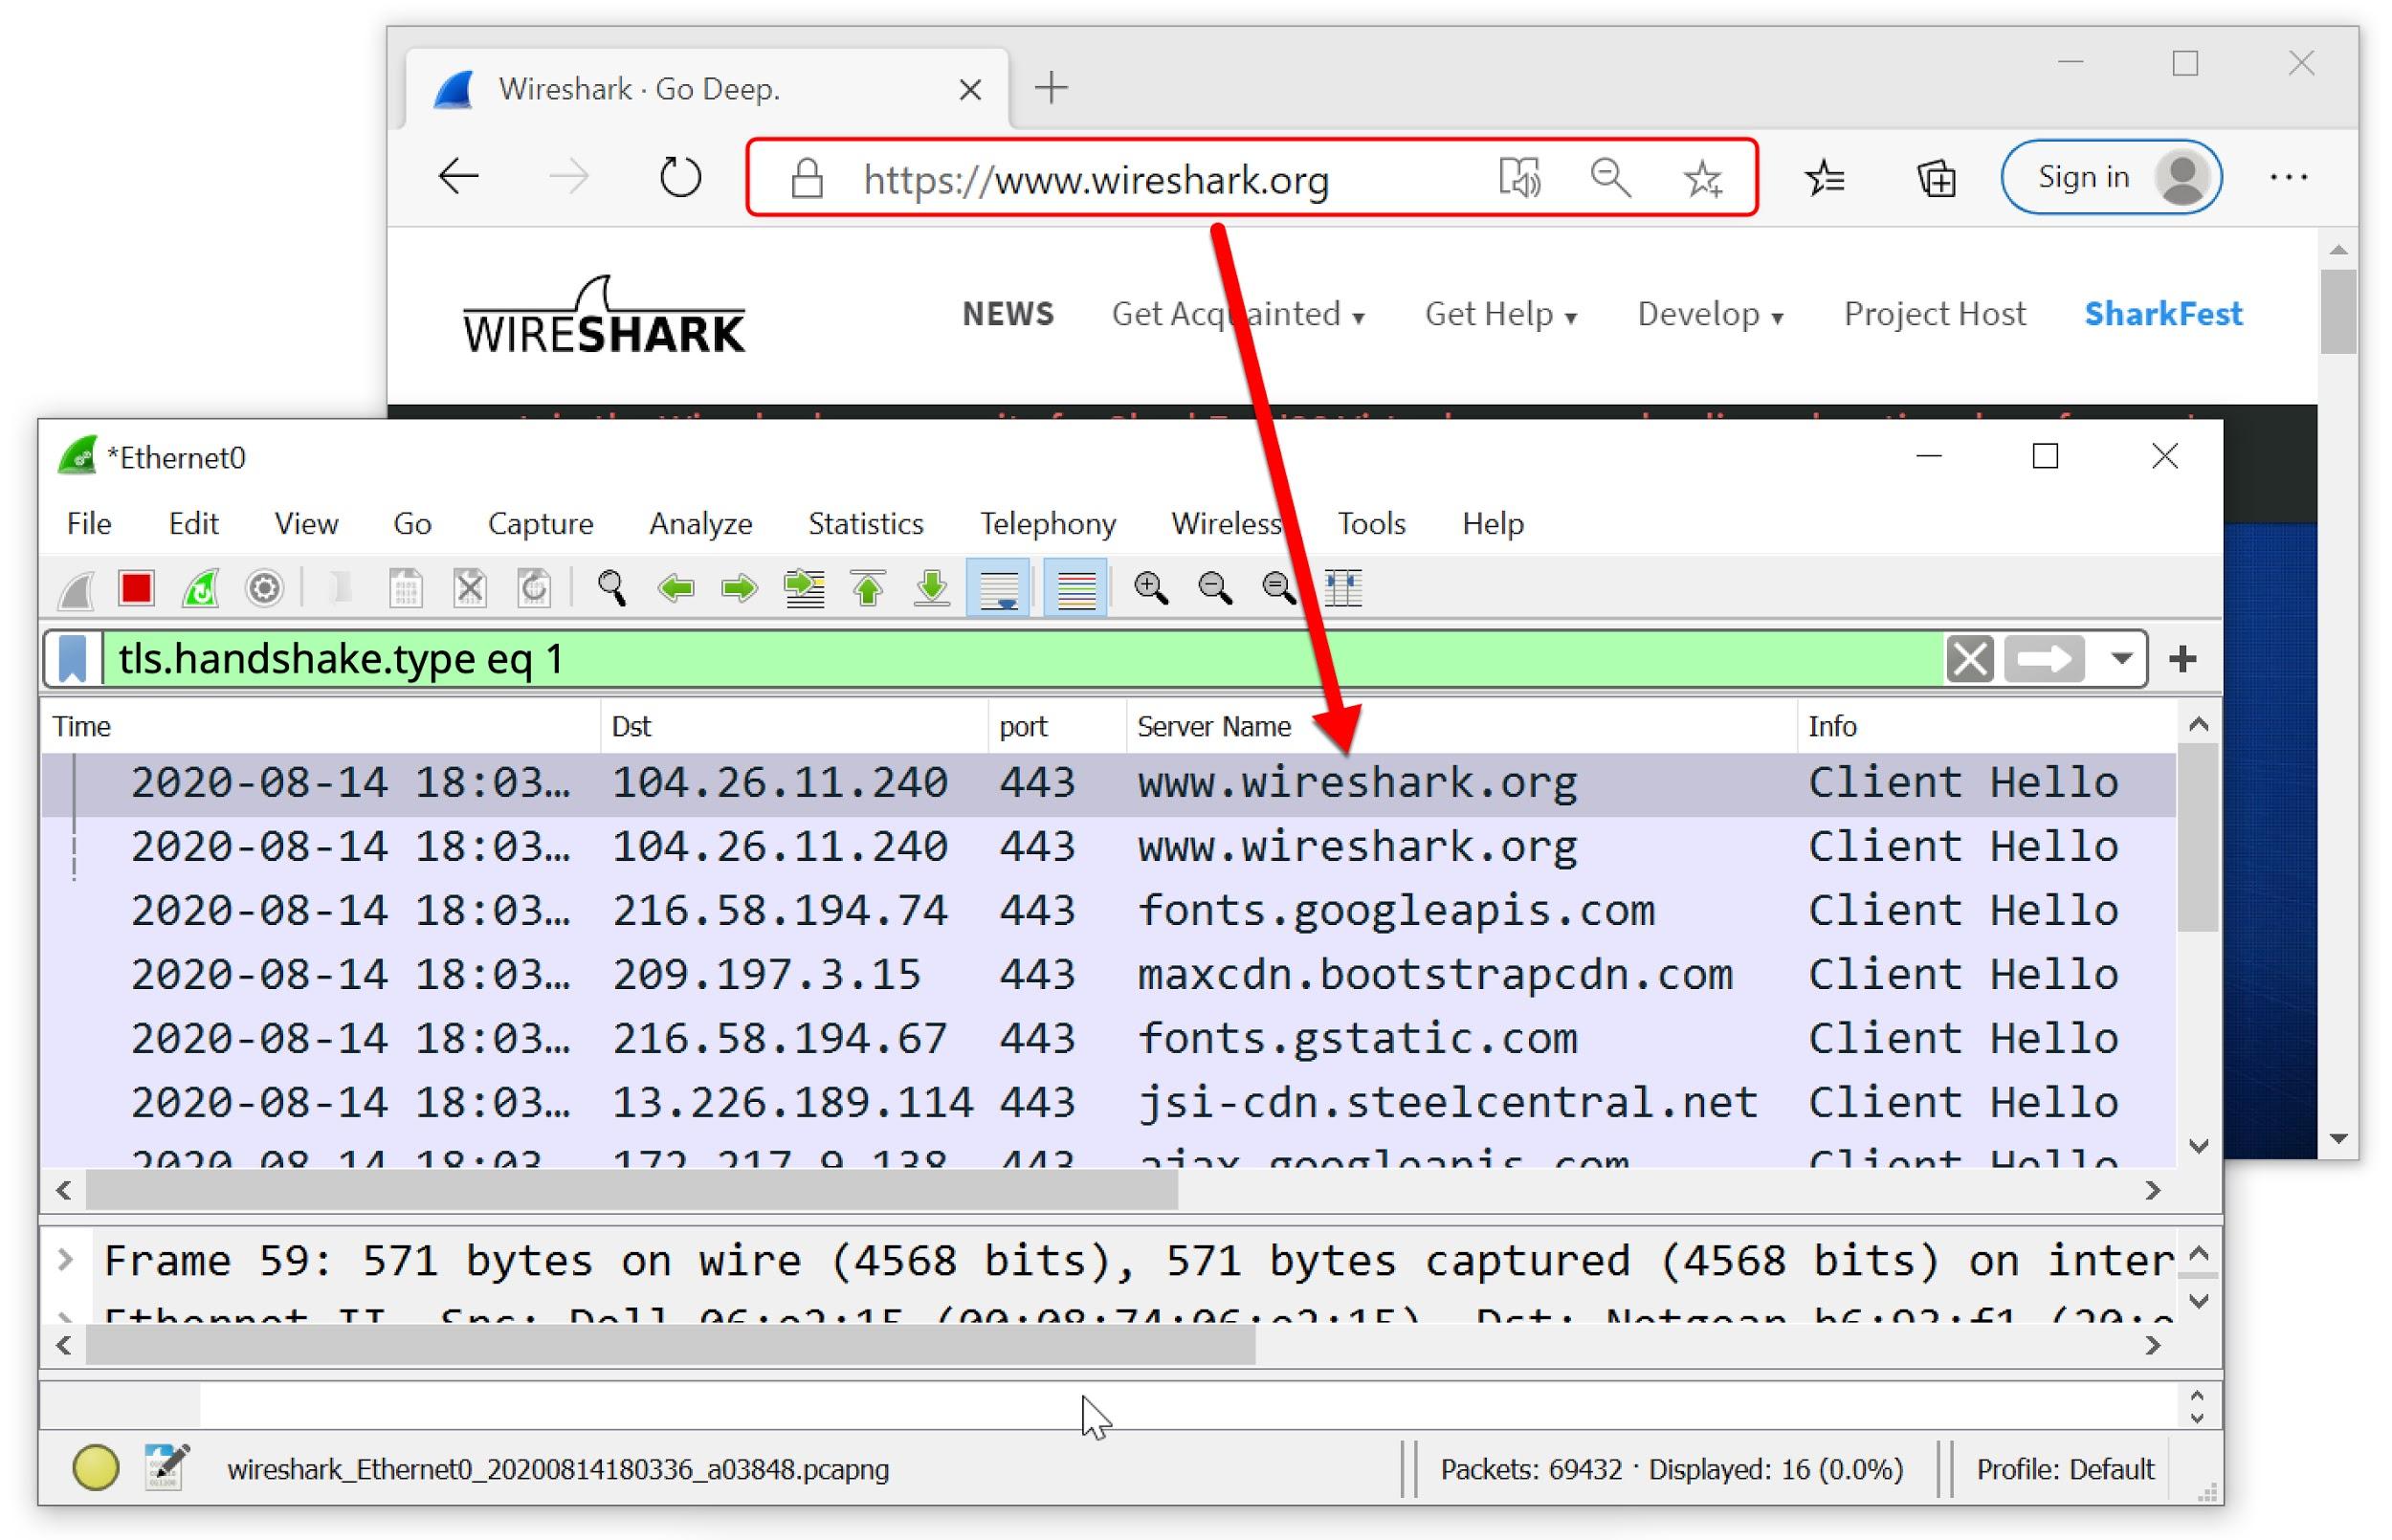 このスクリーンショットは、Webブラウザでhttps://www.wireshark.orgを表示したときに表示される内容とカスタマイズされたWireshark列表示で表示したときにpcapが表示する内容を示しています。